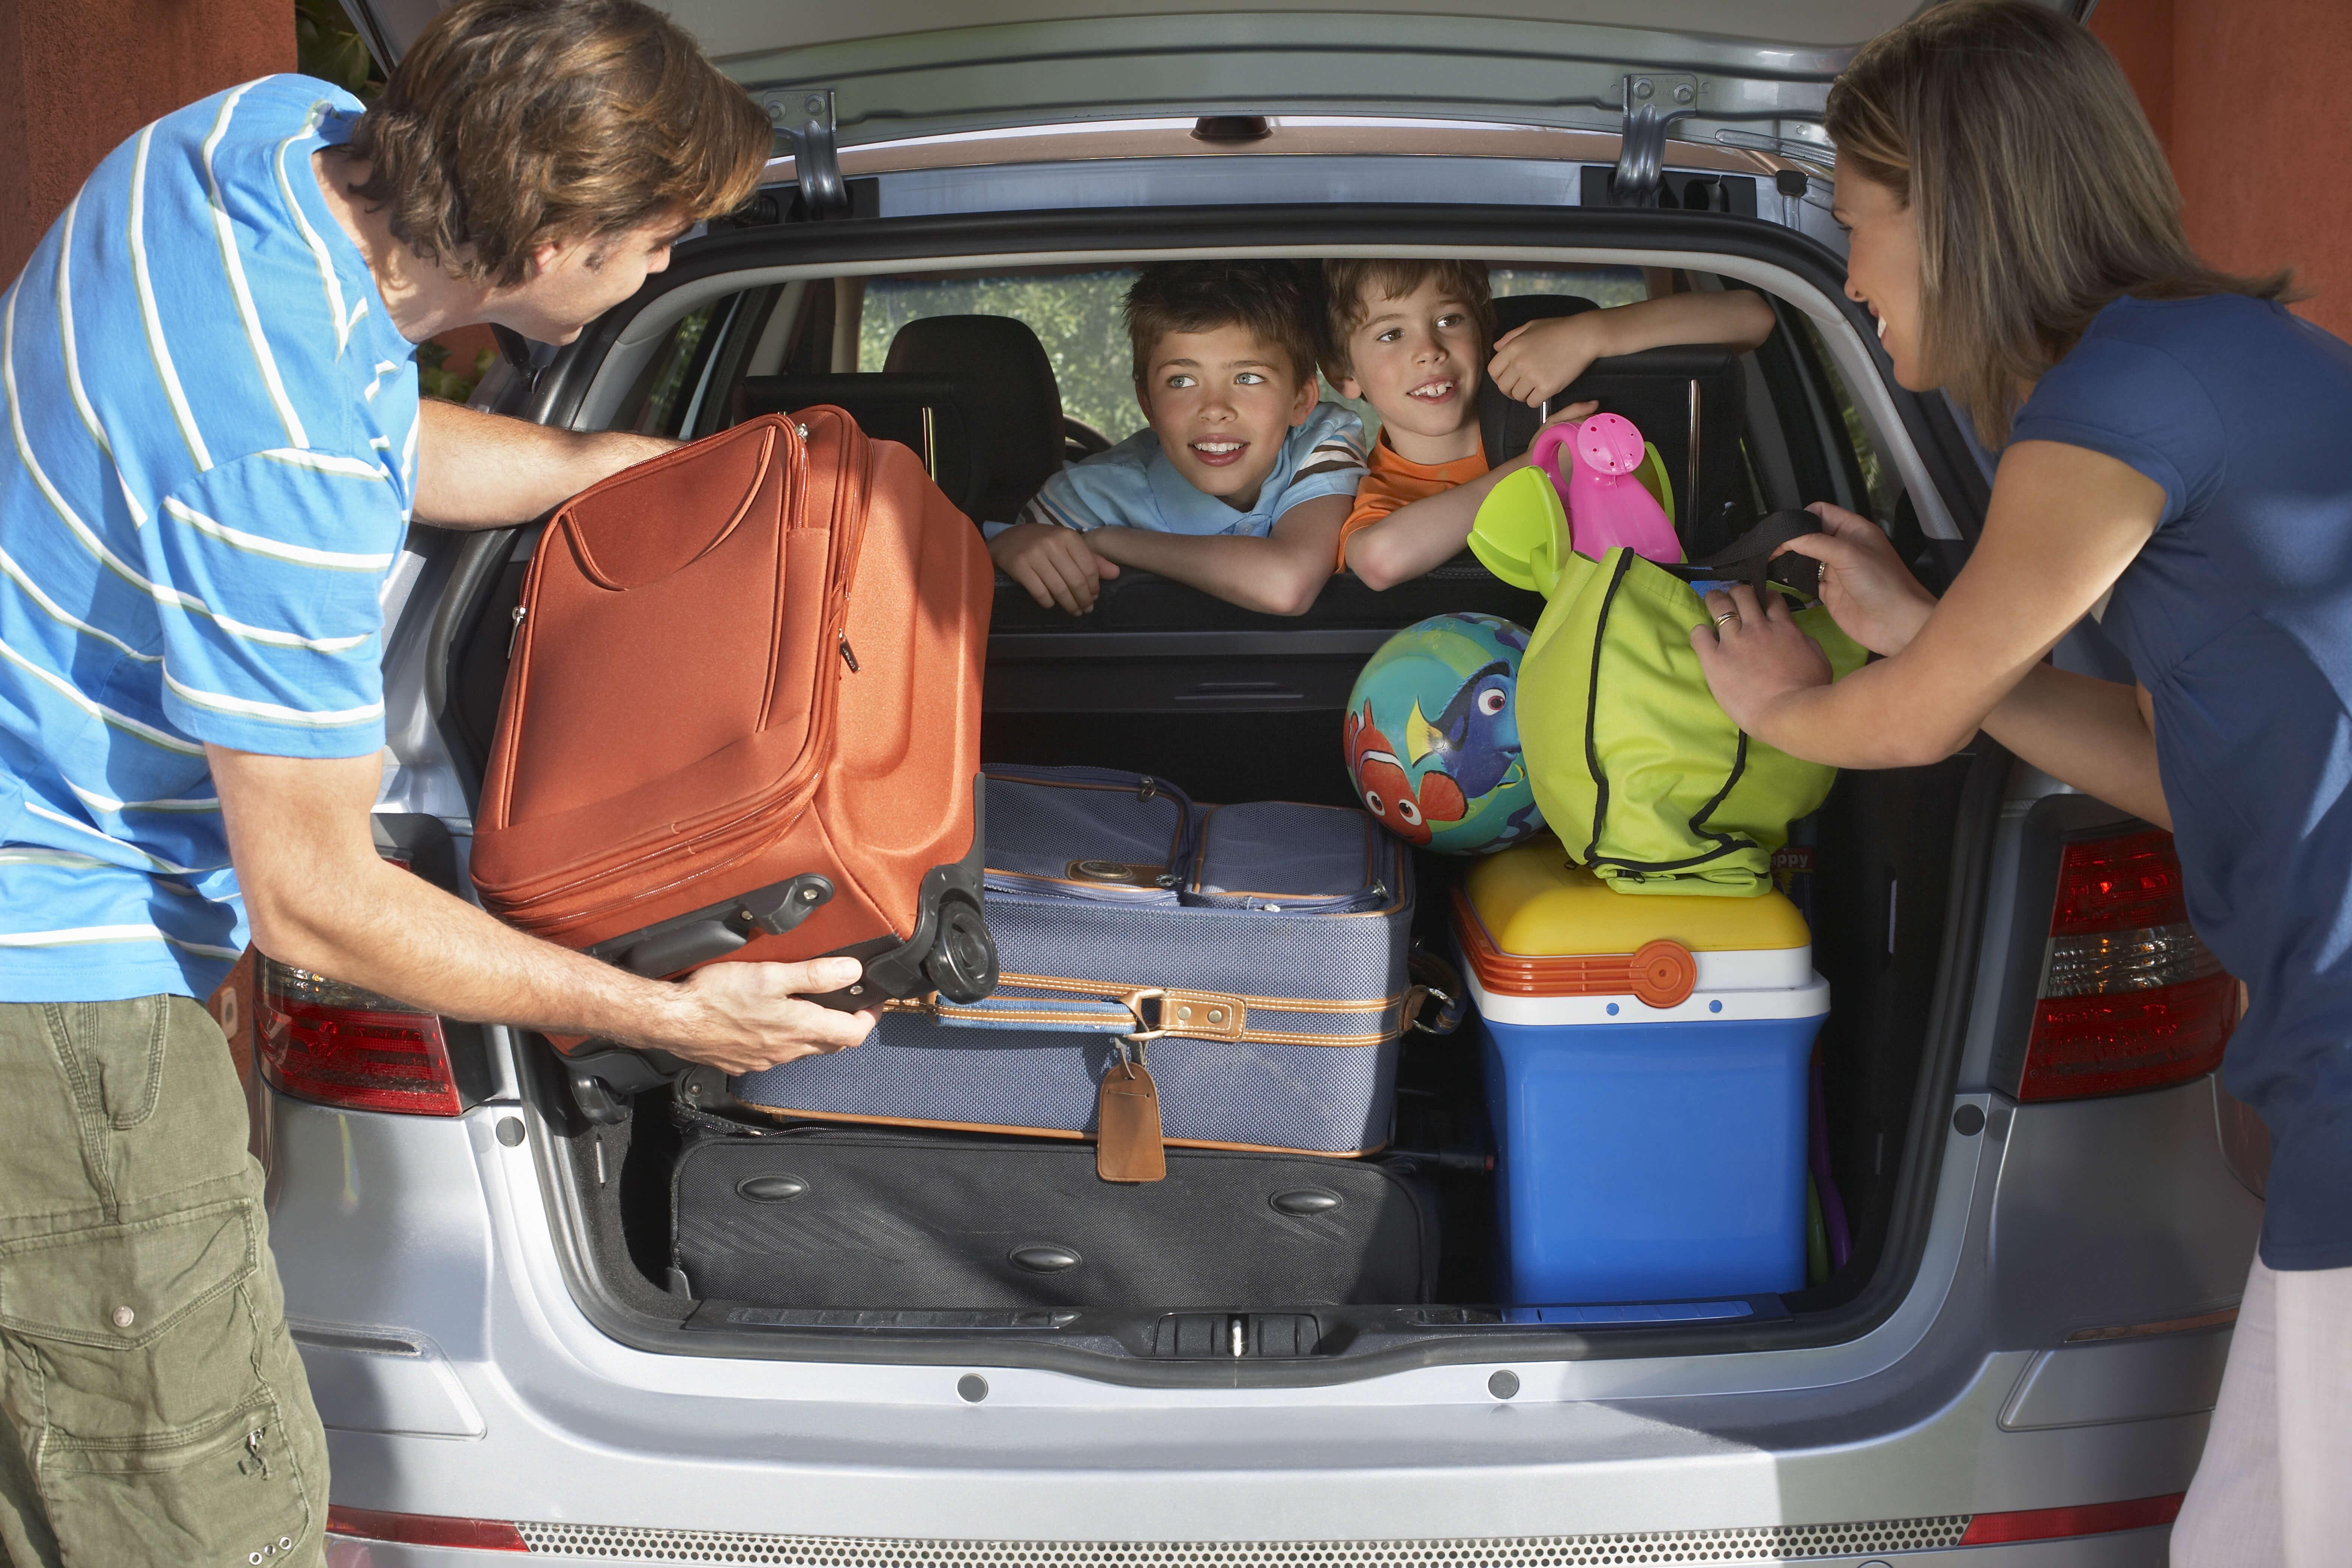 Pak bilen rigtigt til kør selv ferien så sikkerheden er i top når du kører over grænsen